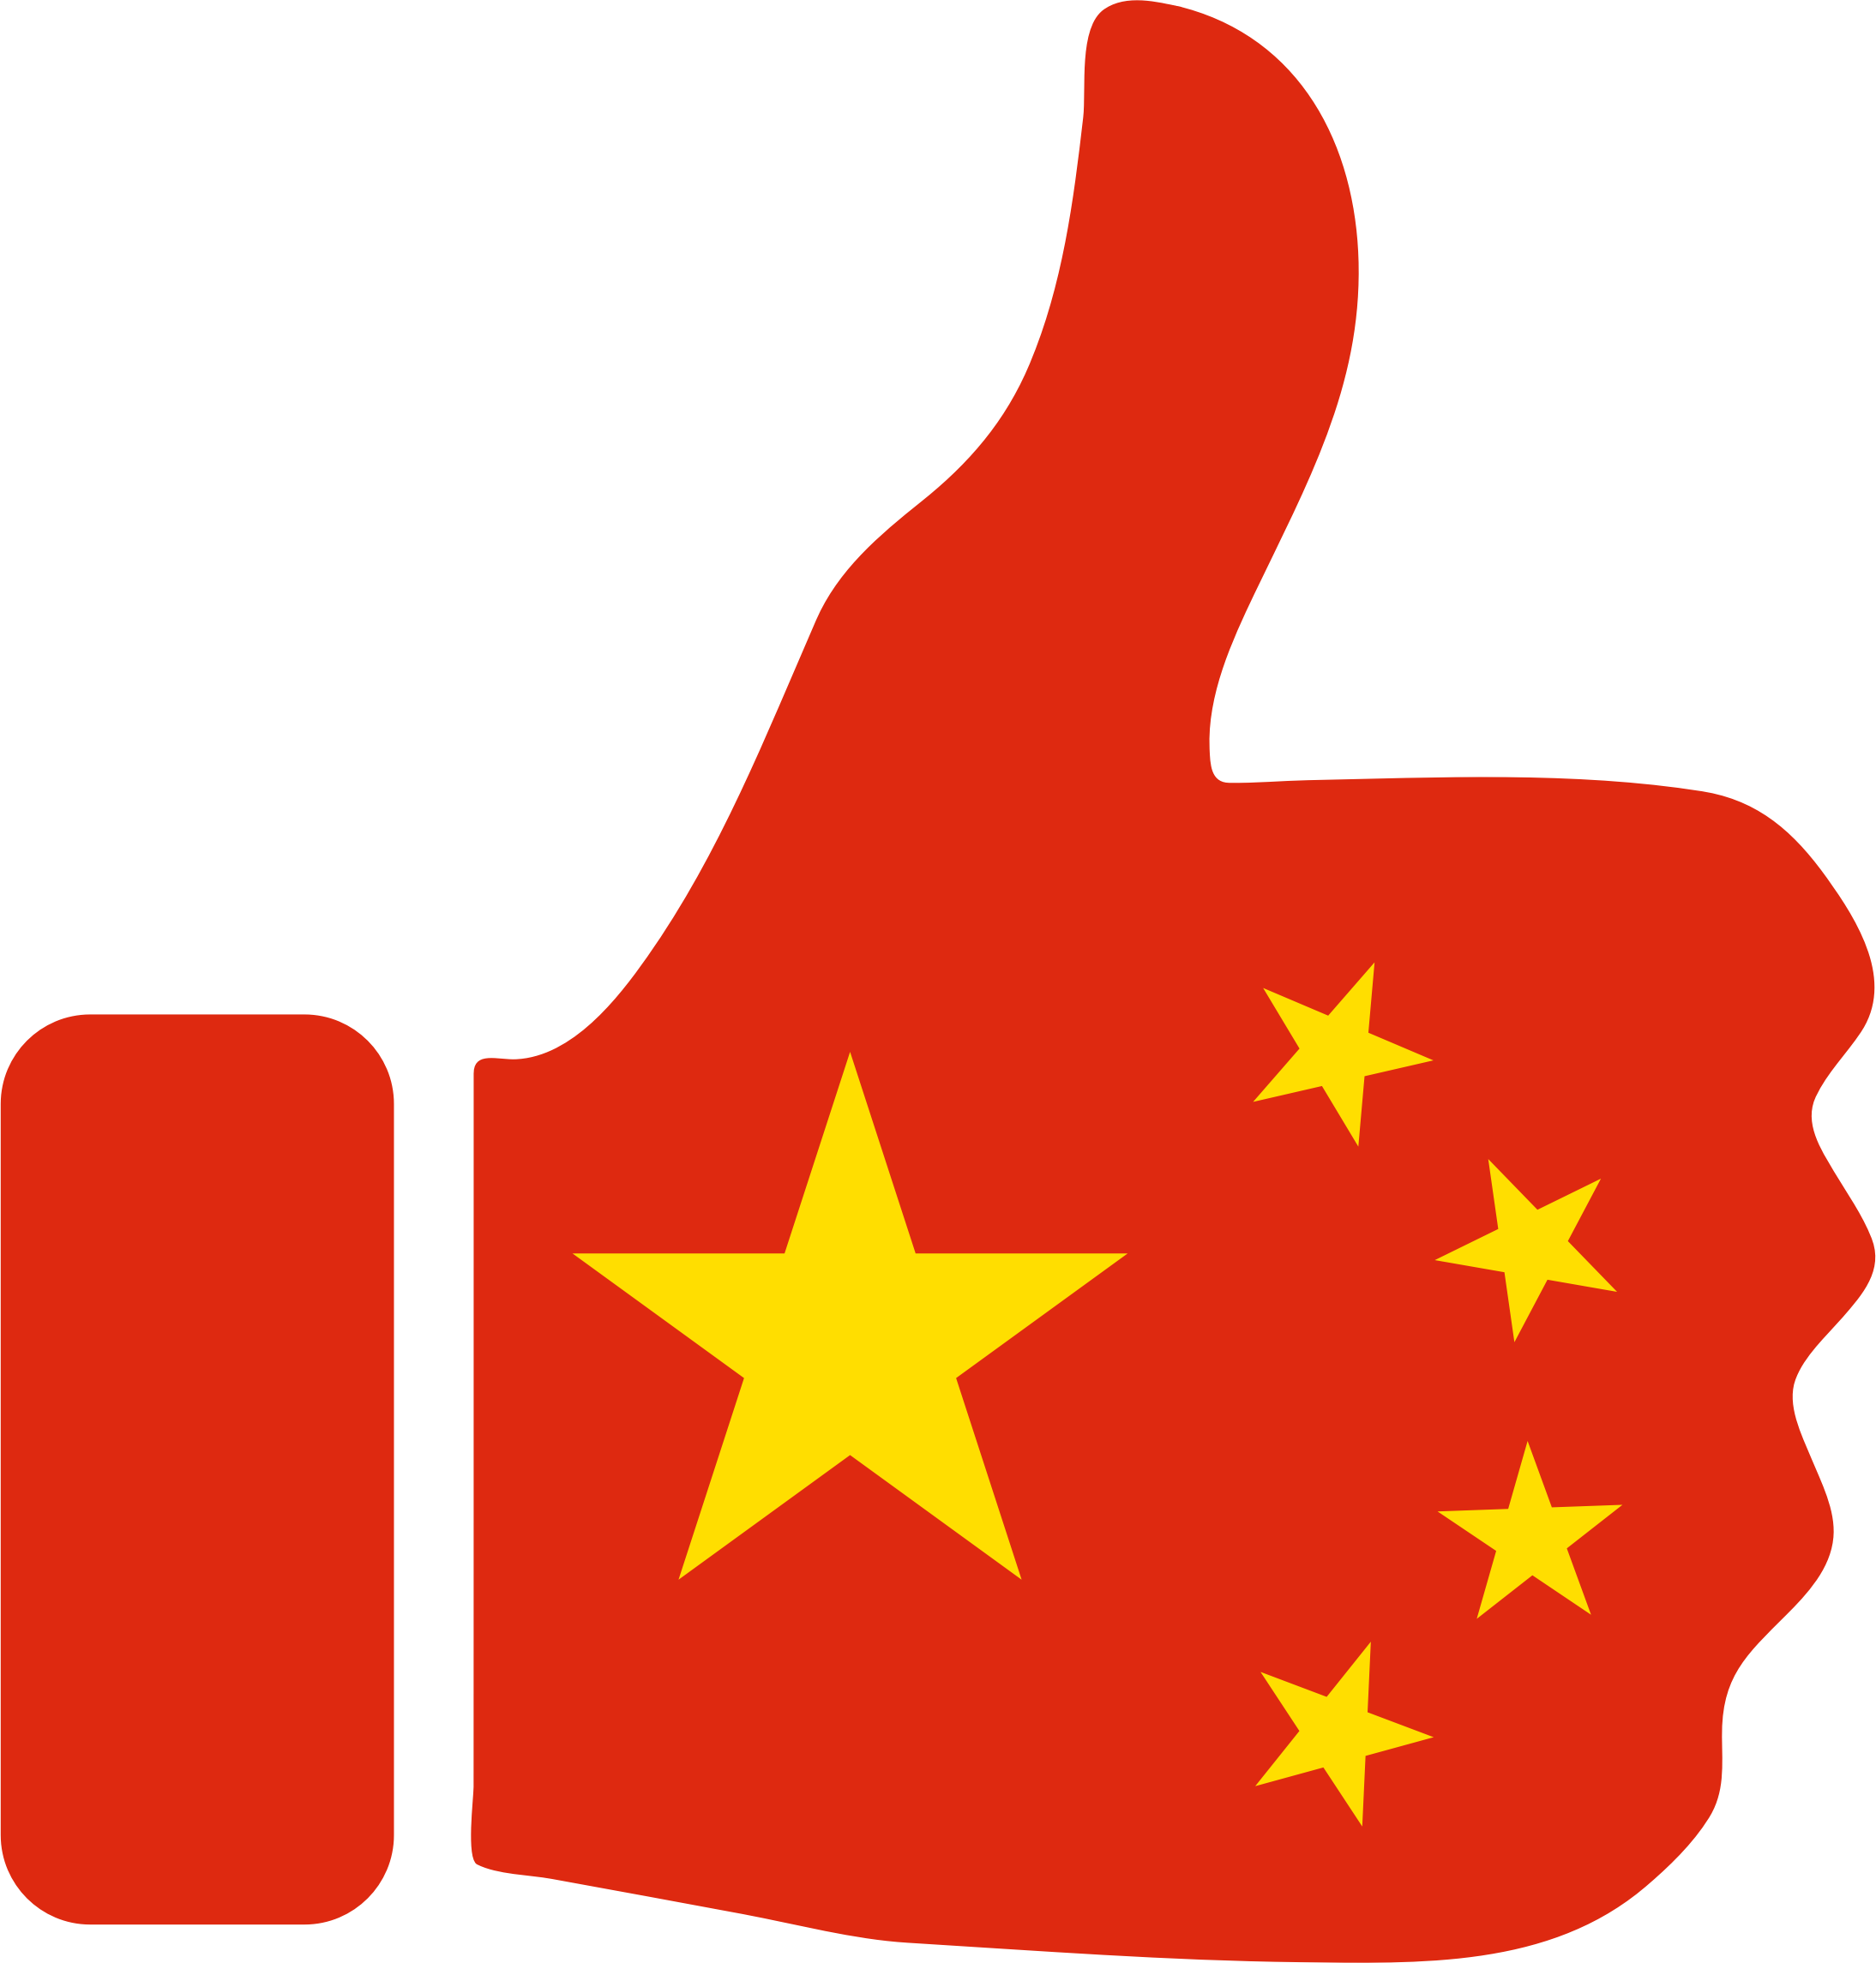 png free Clipart china. Thumbs up big image.